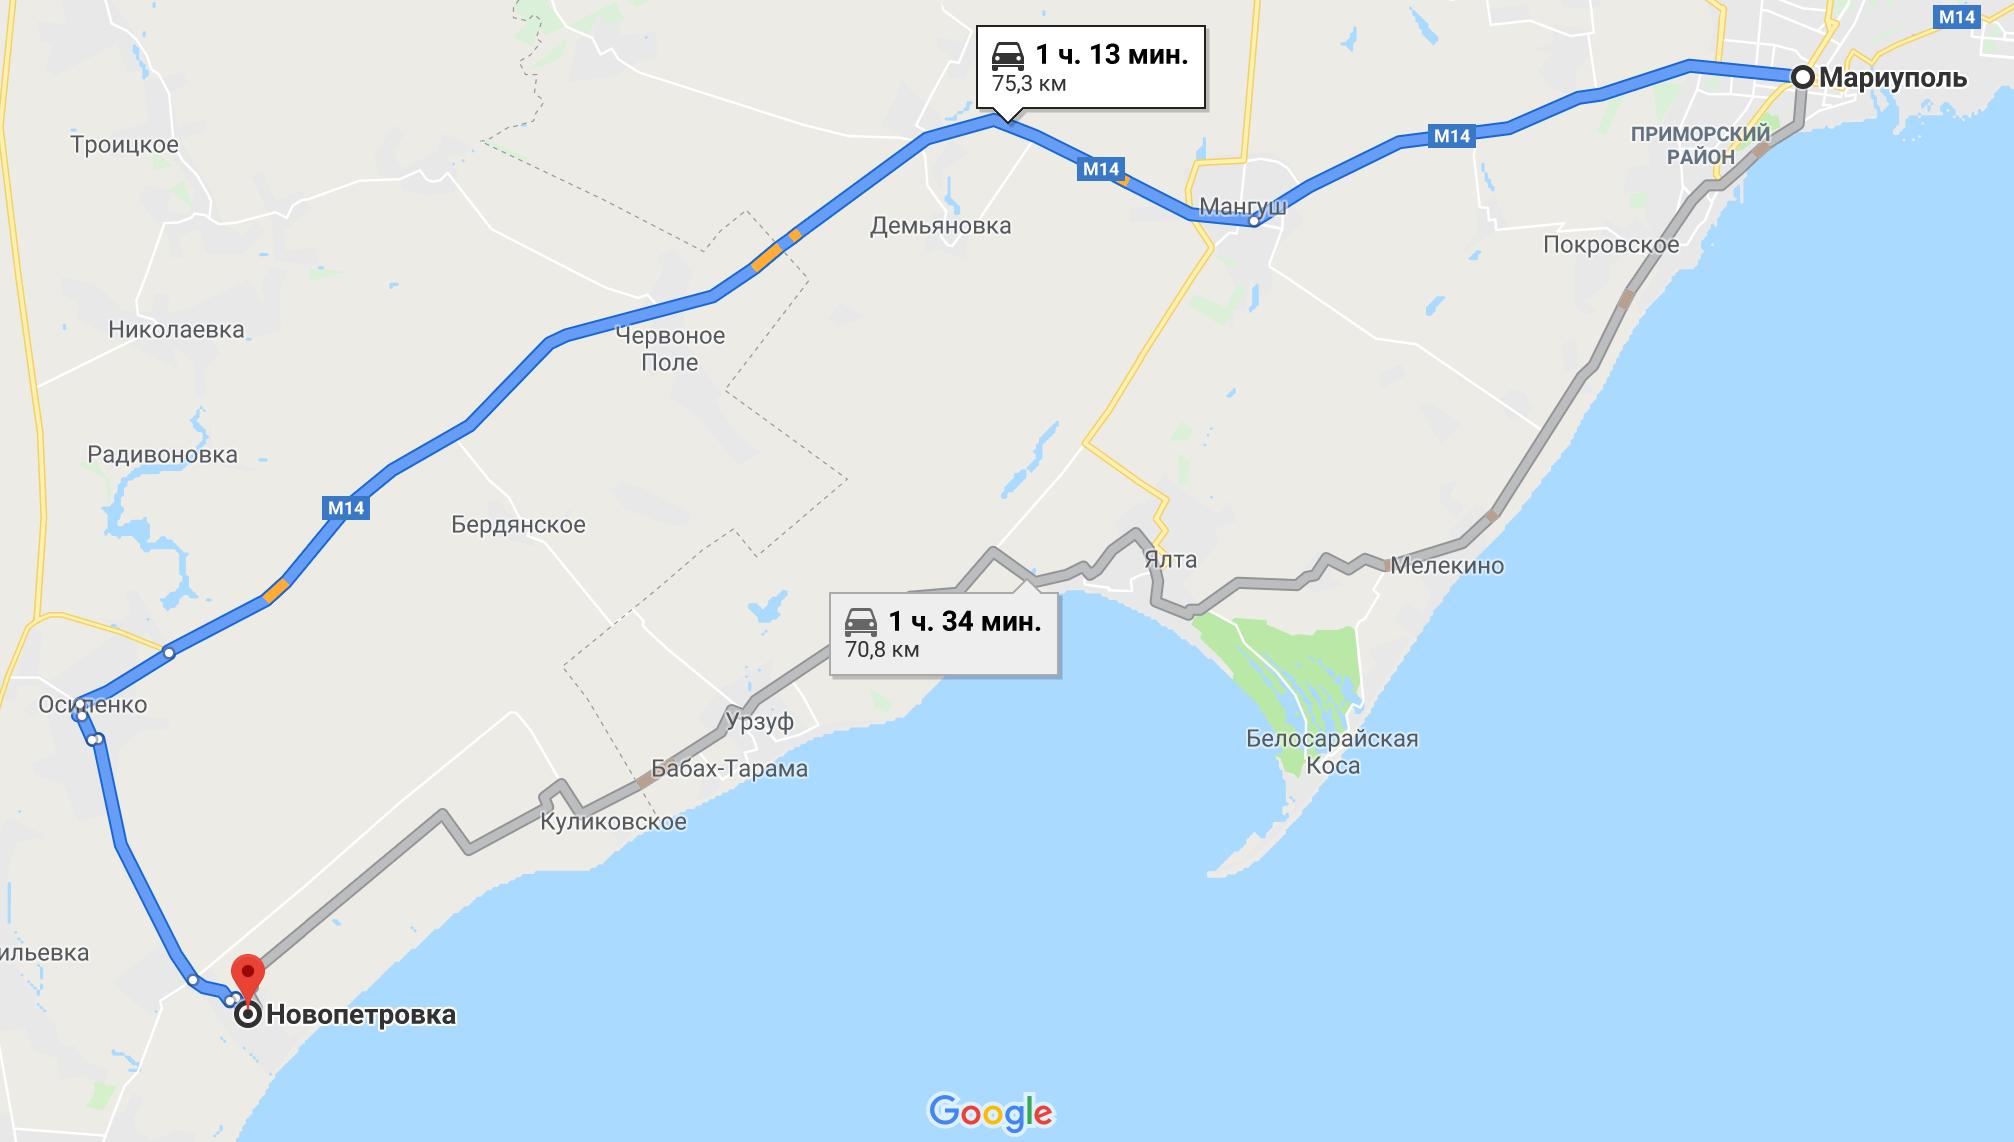 Как добраться до Новопетровки на авто из Мариуполя